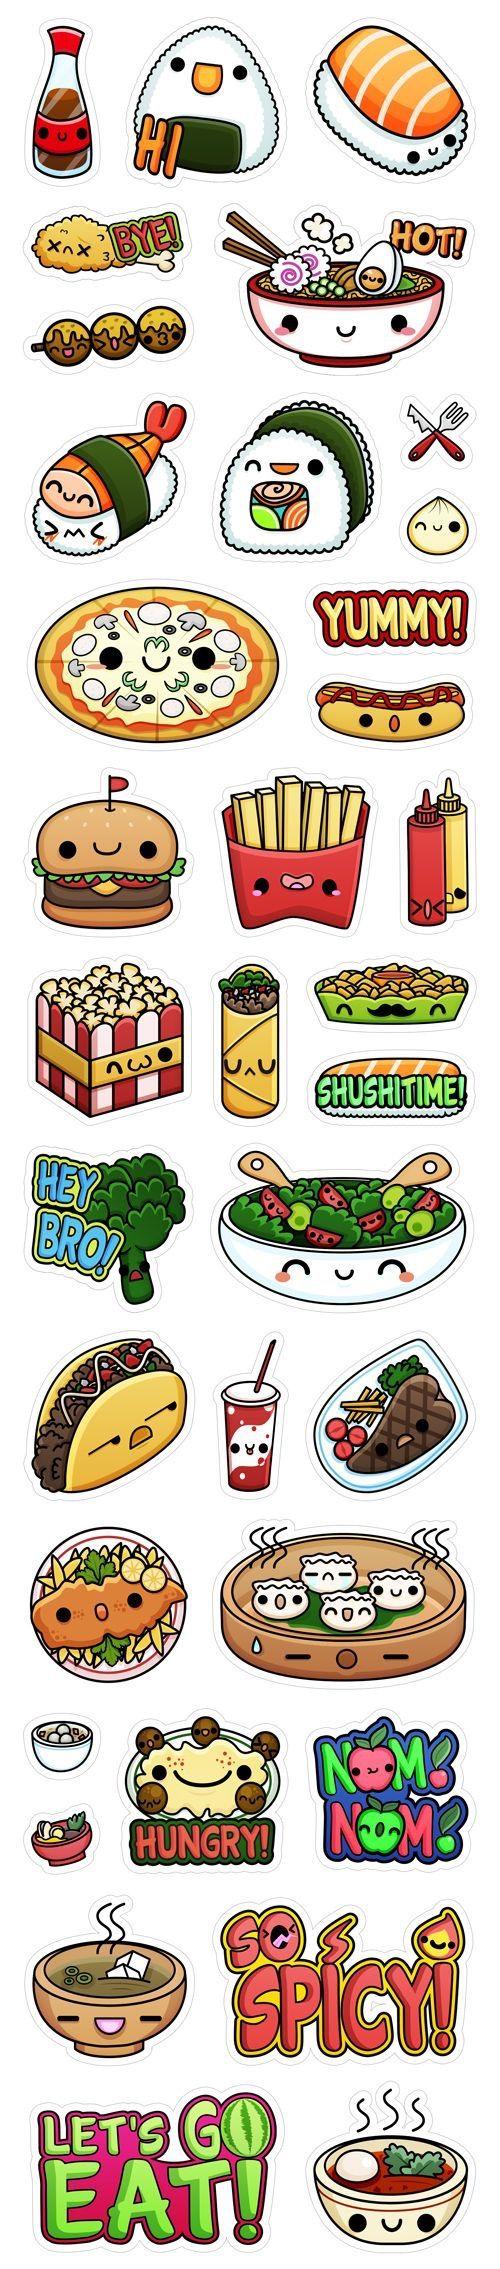 I leve sushi!!! KAWAII :3